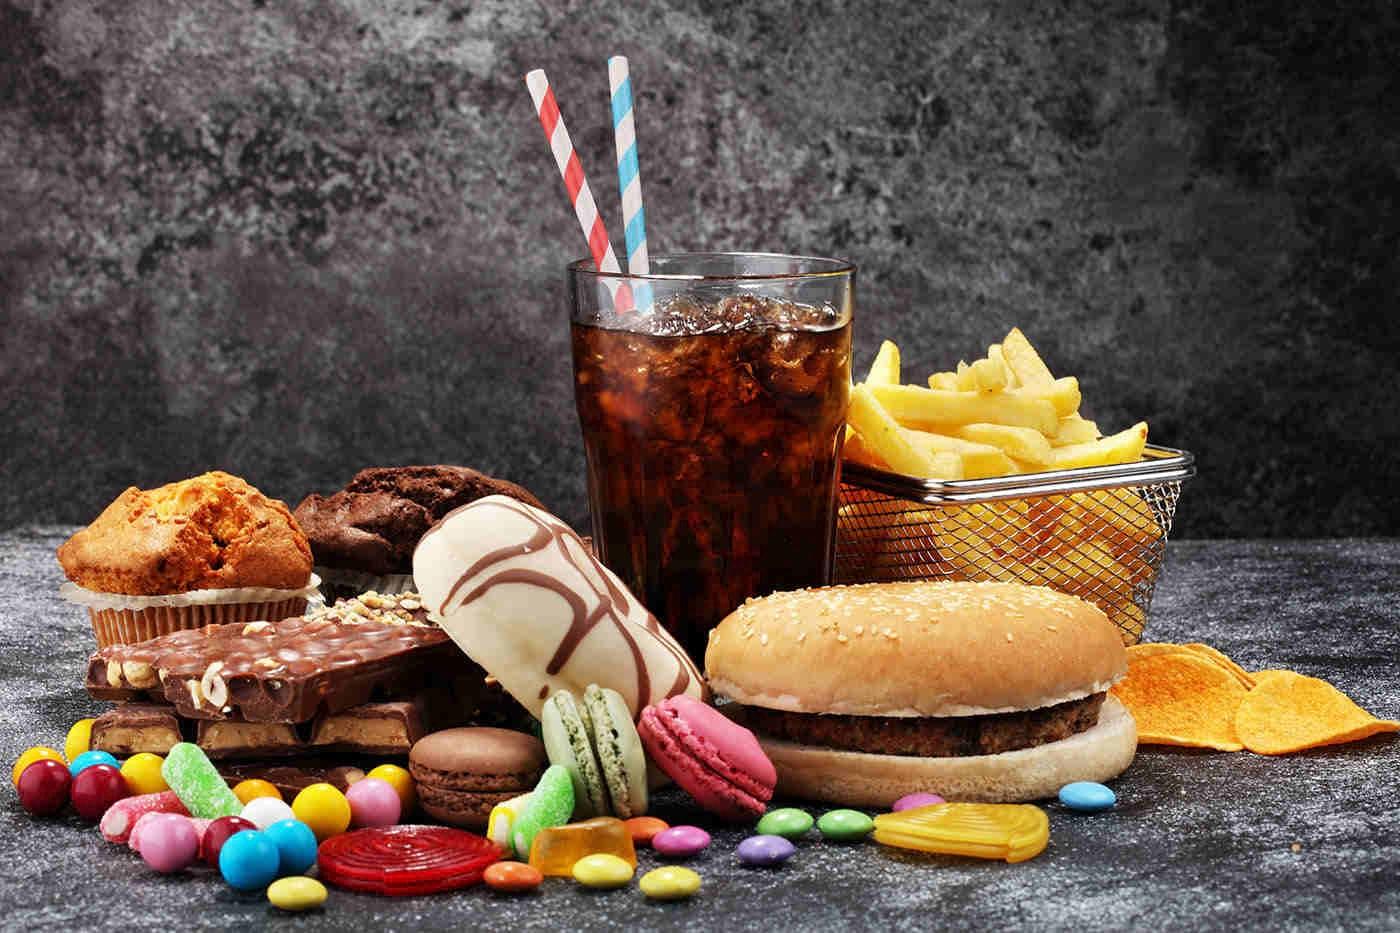 Alimentele procesate: toate sunt la fel de rele?